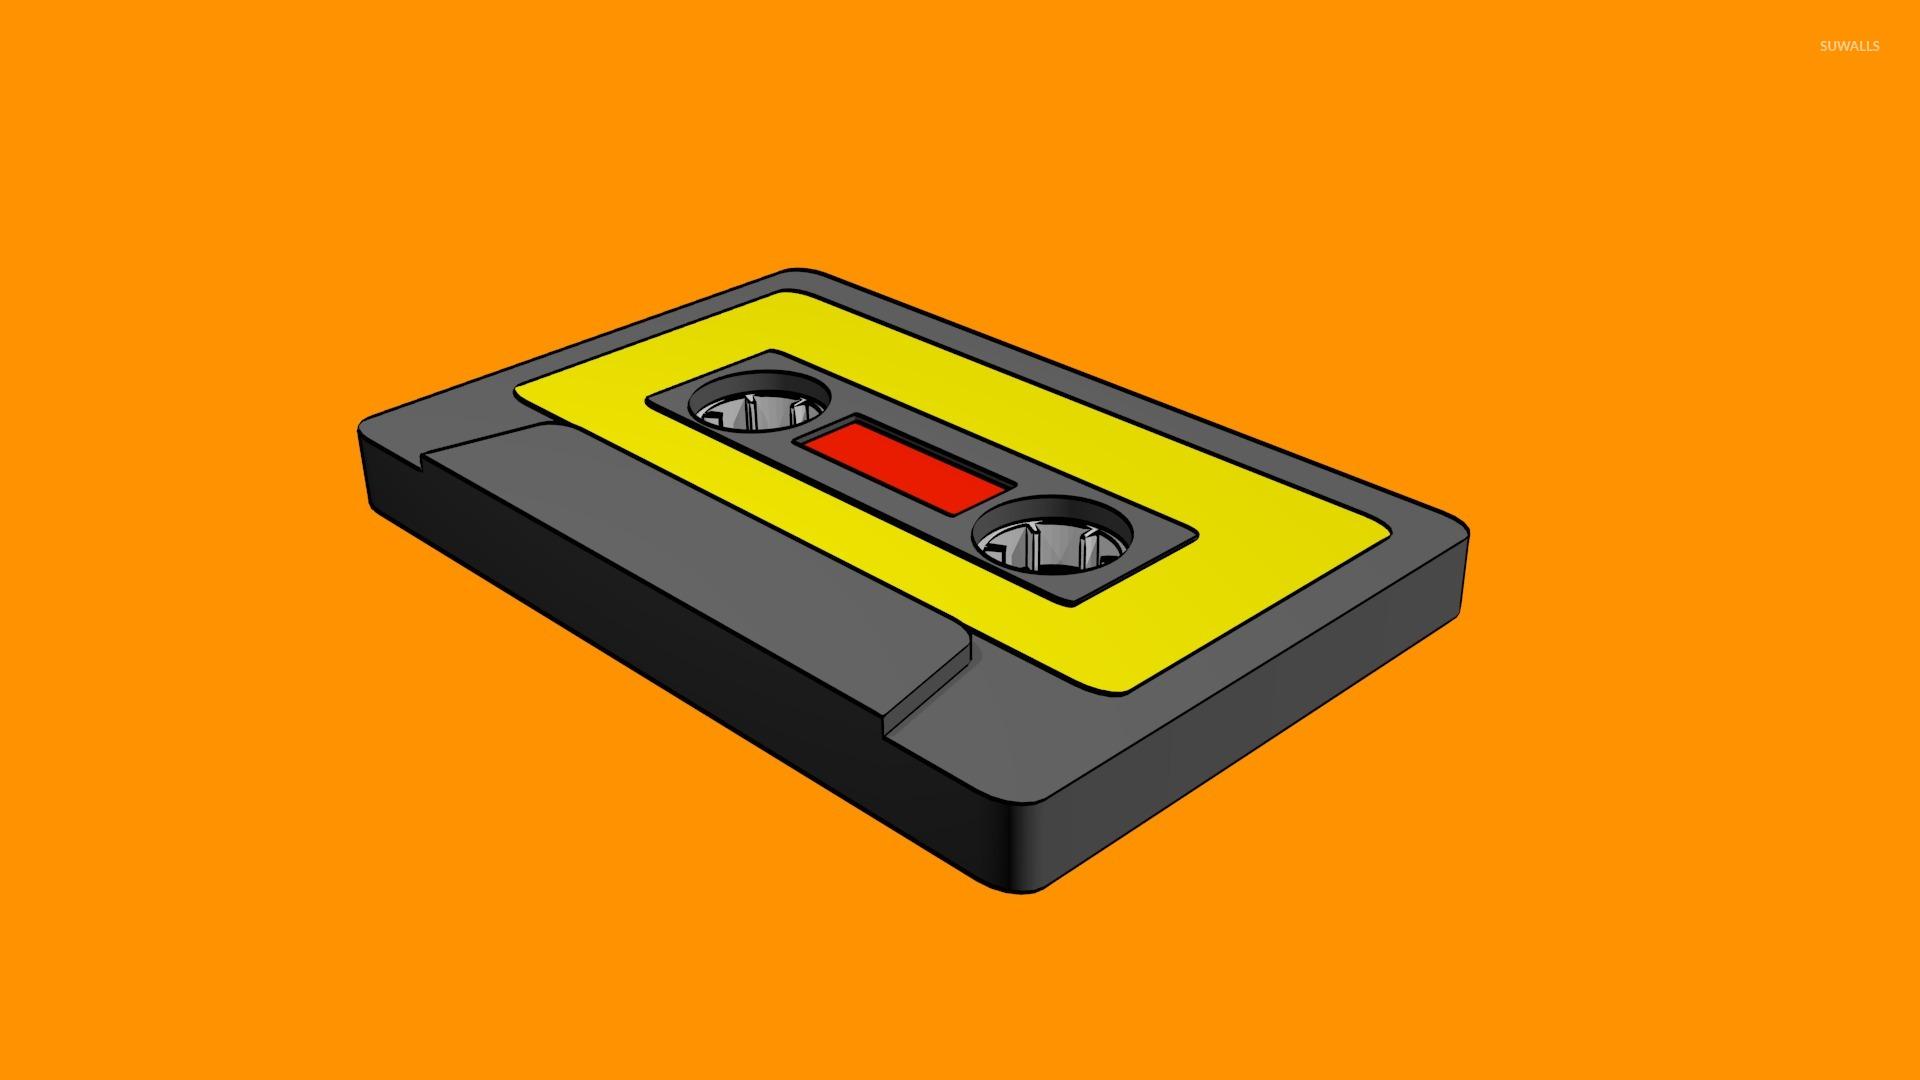 Cassette Tape Wallpaper Vector Wallpapers 41988